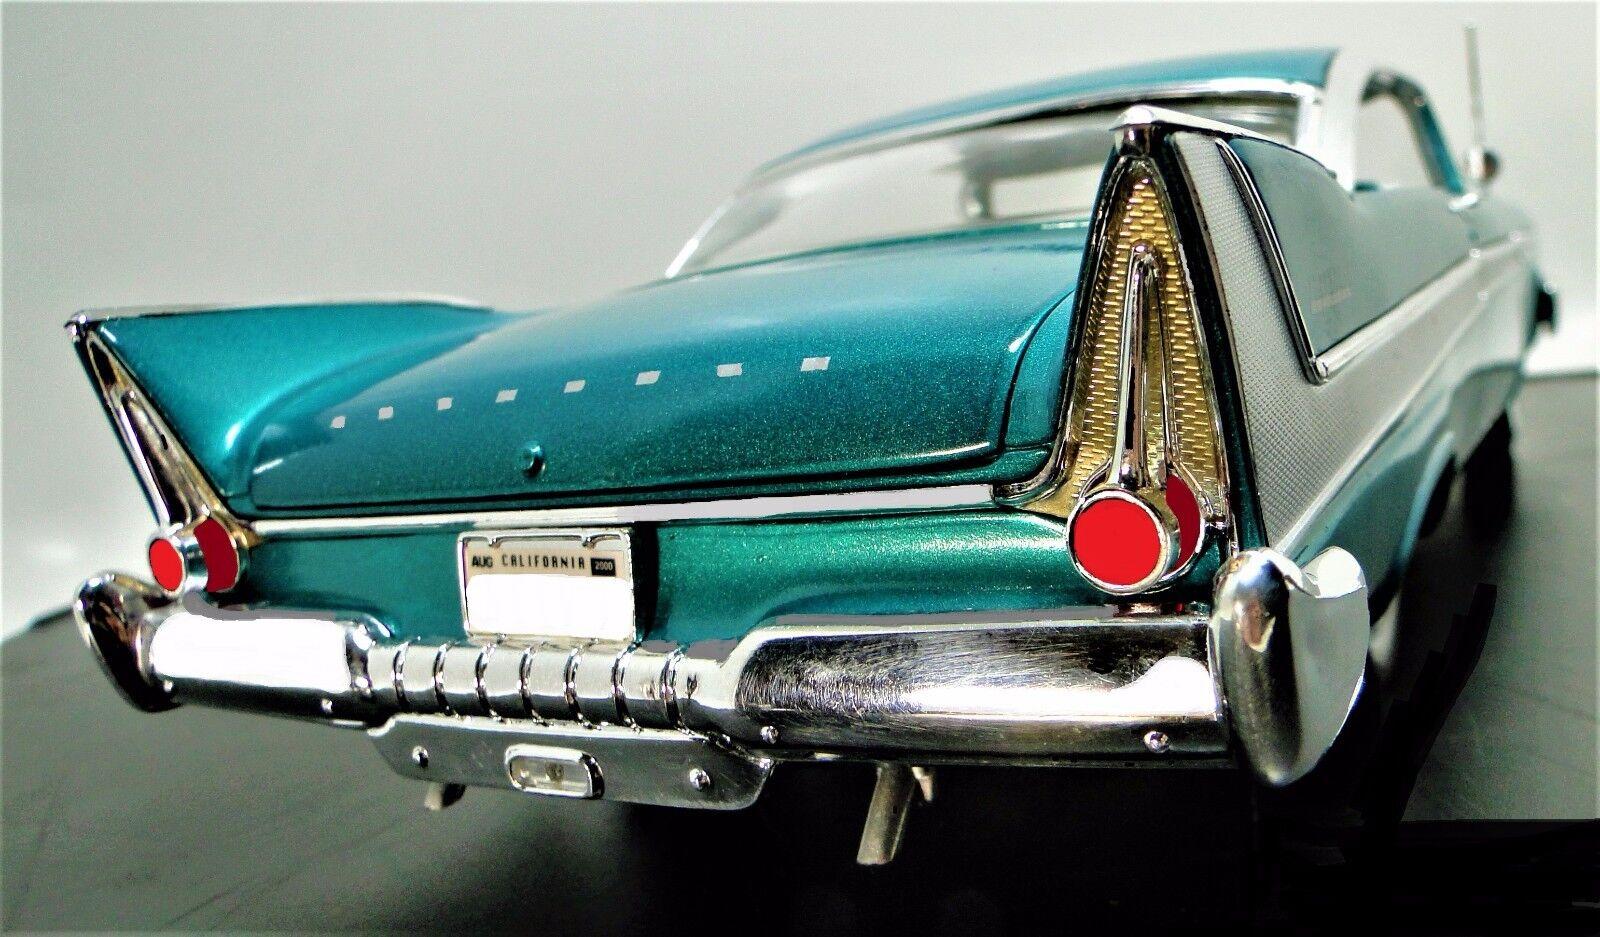 Tienda de moda y compras online. 1 Dream coche 1957 Cadillac 18 Vintage Vintage Vintage 12 concepto 24 Cocherusel Azul 43  Ven a elegir tu propio estilo deportivo.